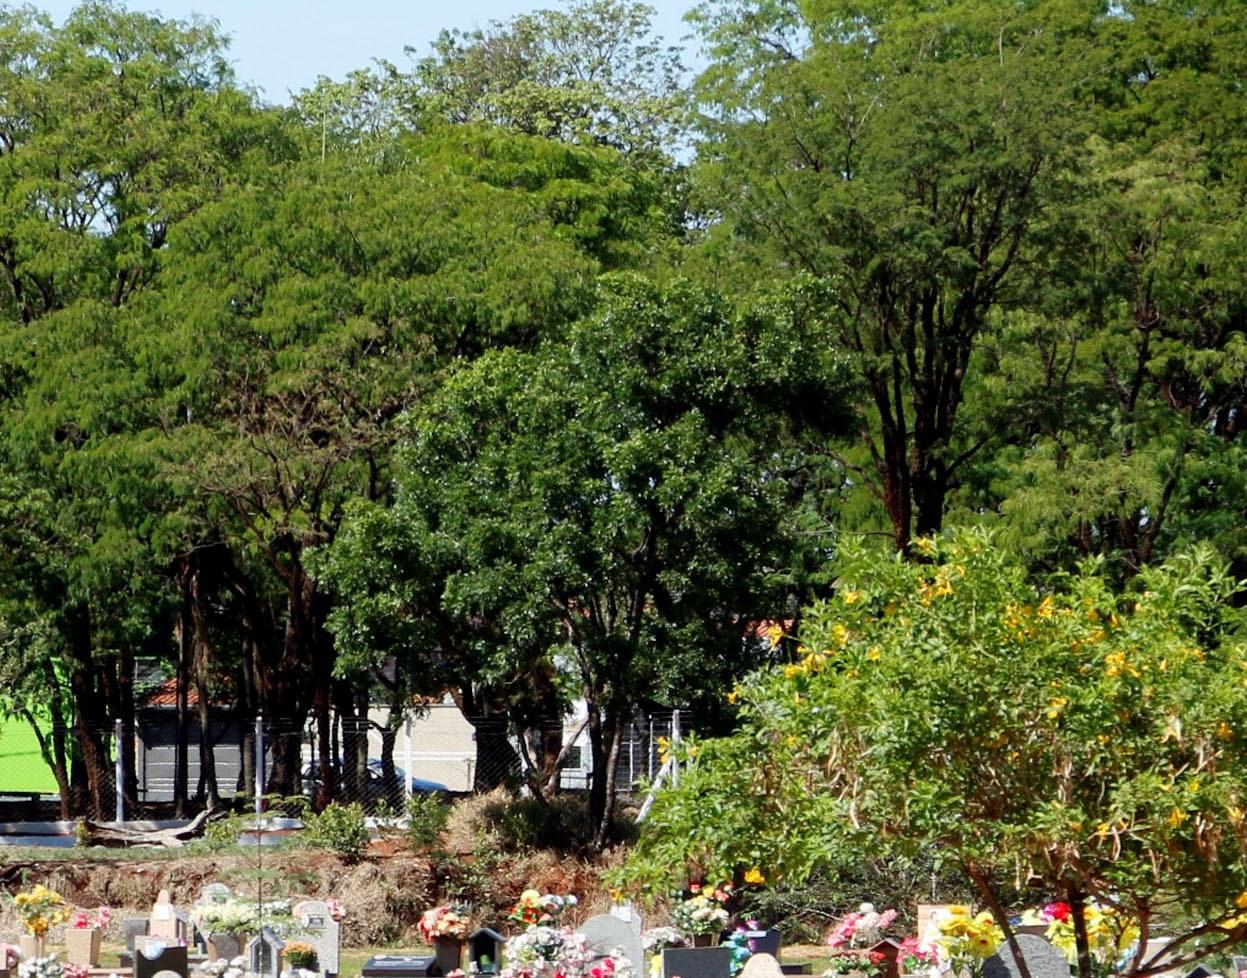 Realizada manutenção da arborização urbana no Cemitério das Cruzes